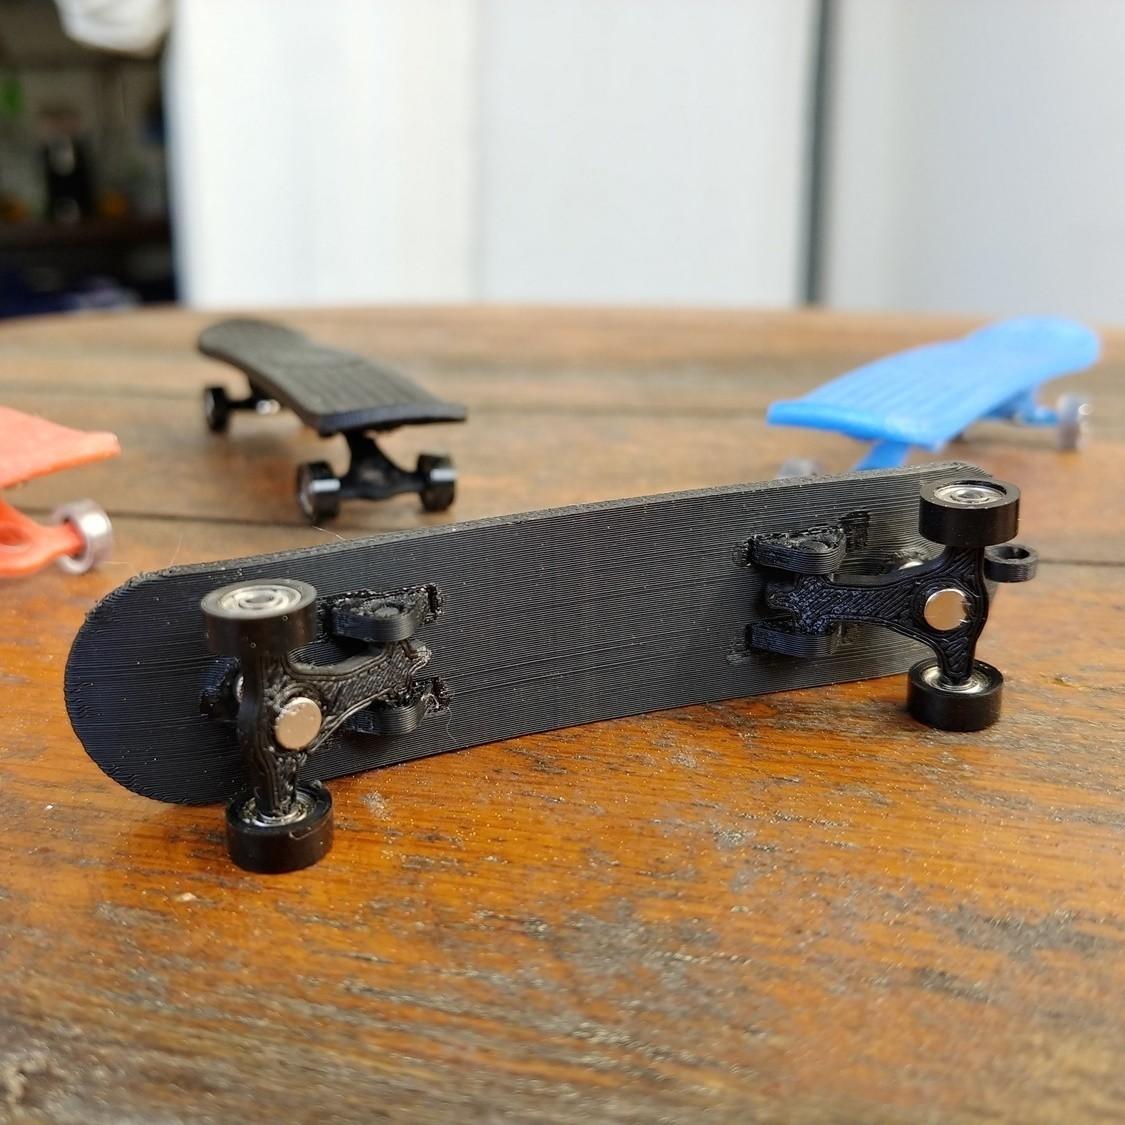 Foto07.jpg Download free STL file Magnetic Fingerboard • 3D printable model, CONSTRUCTeR